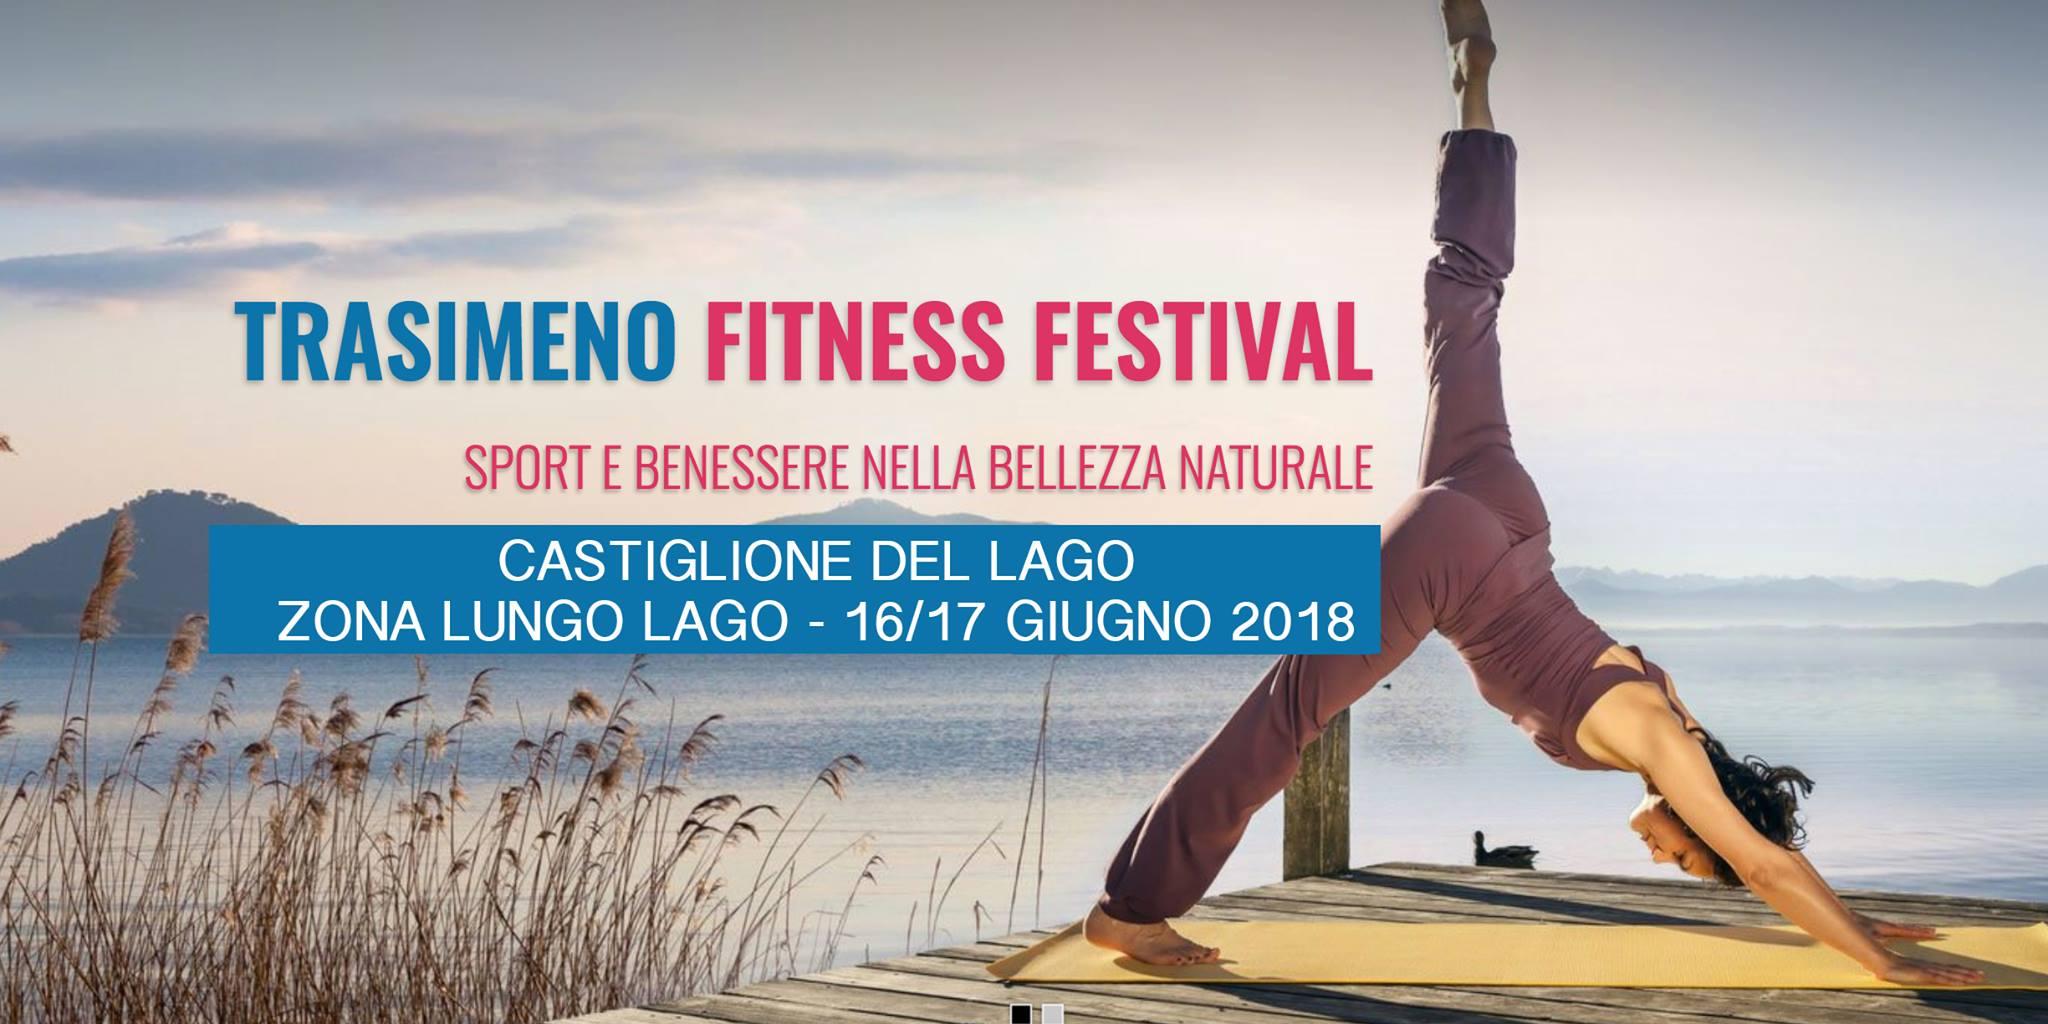 Trasimeno Fitness Festival Castiglione del lago Umbria Perugia